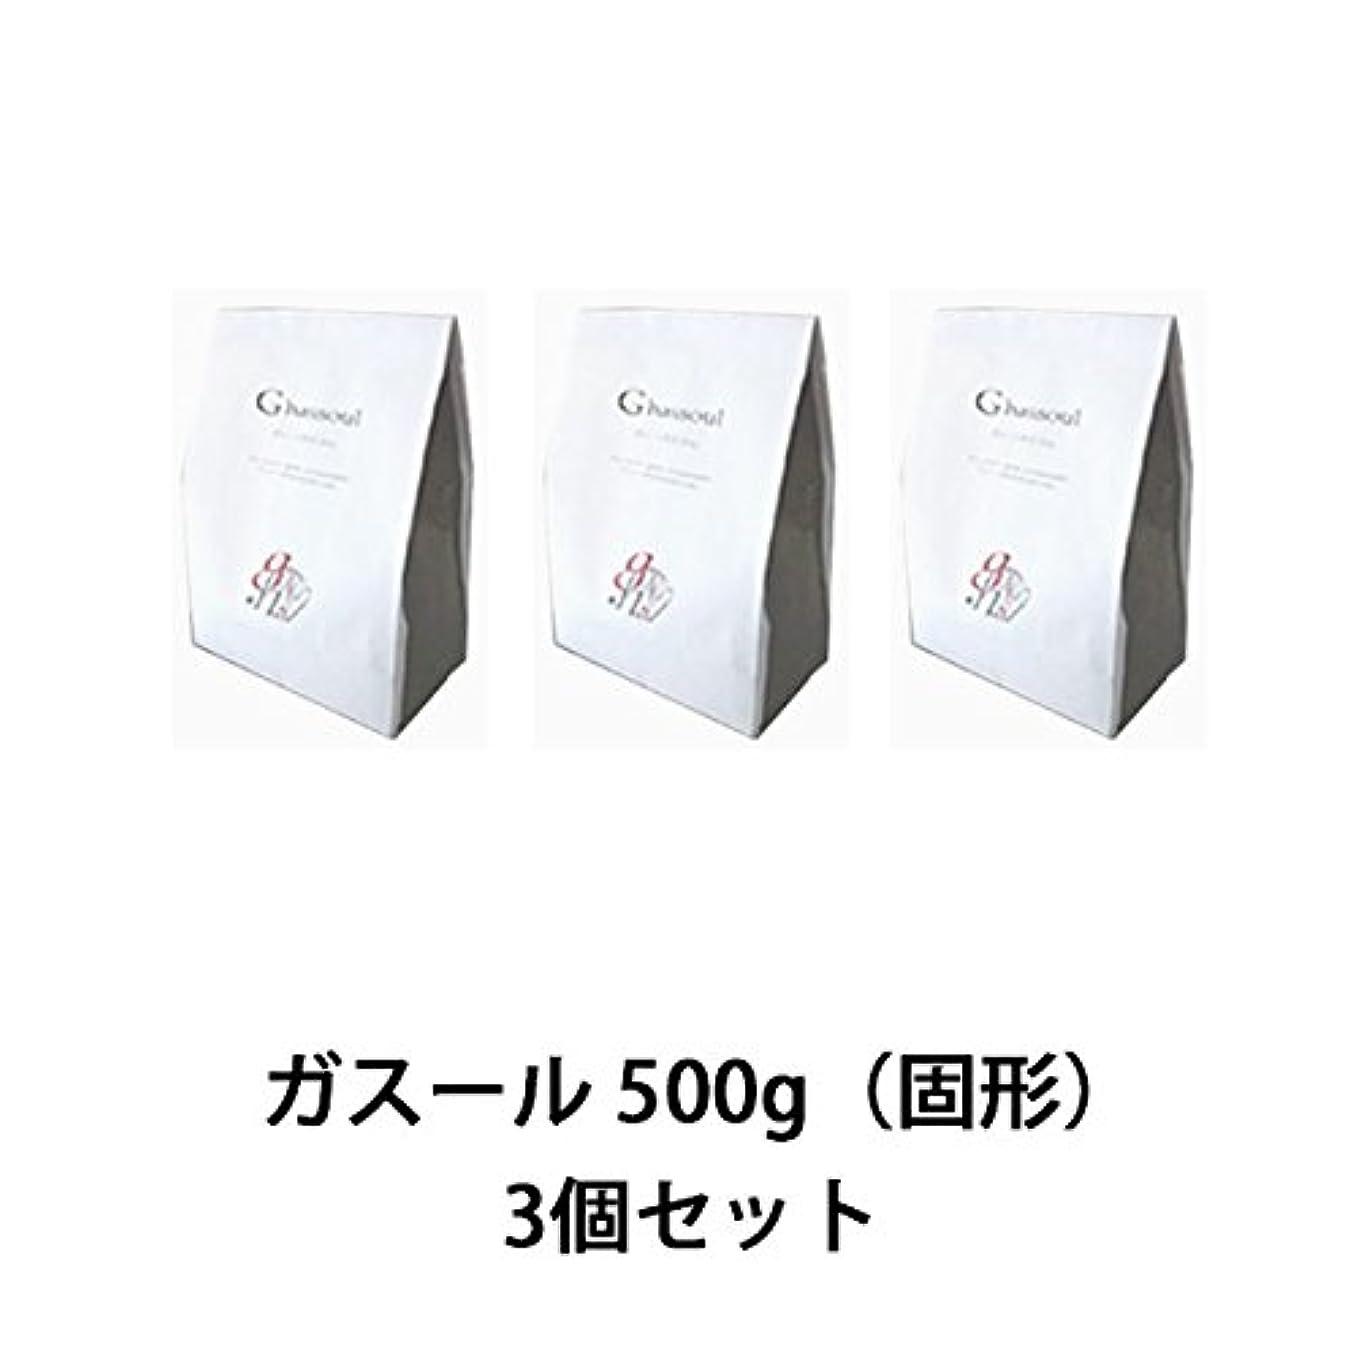 司書レモン電報【ナイアード】ガスール 固形 500g ×3個セット